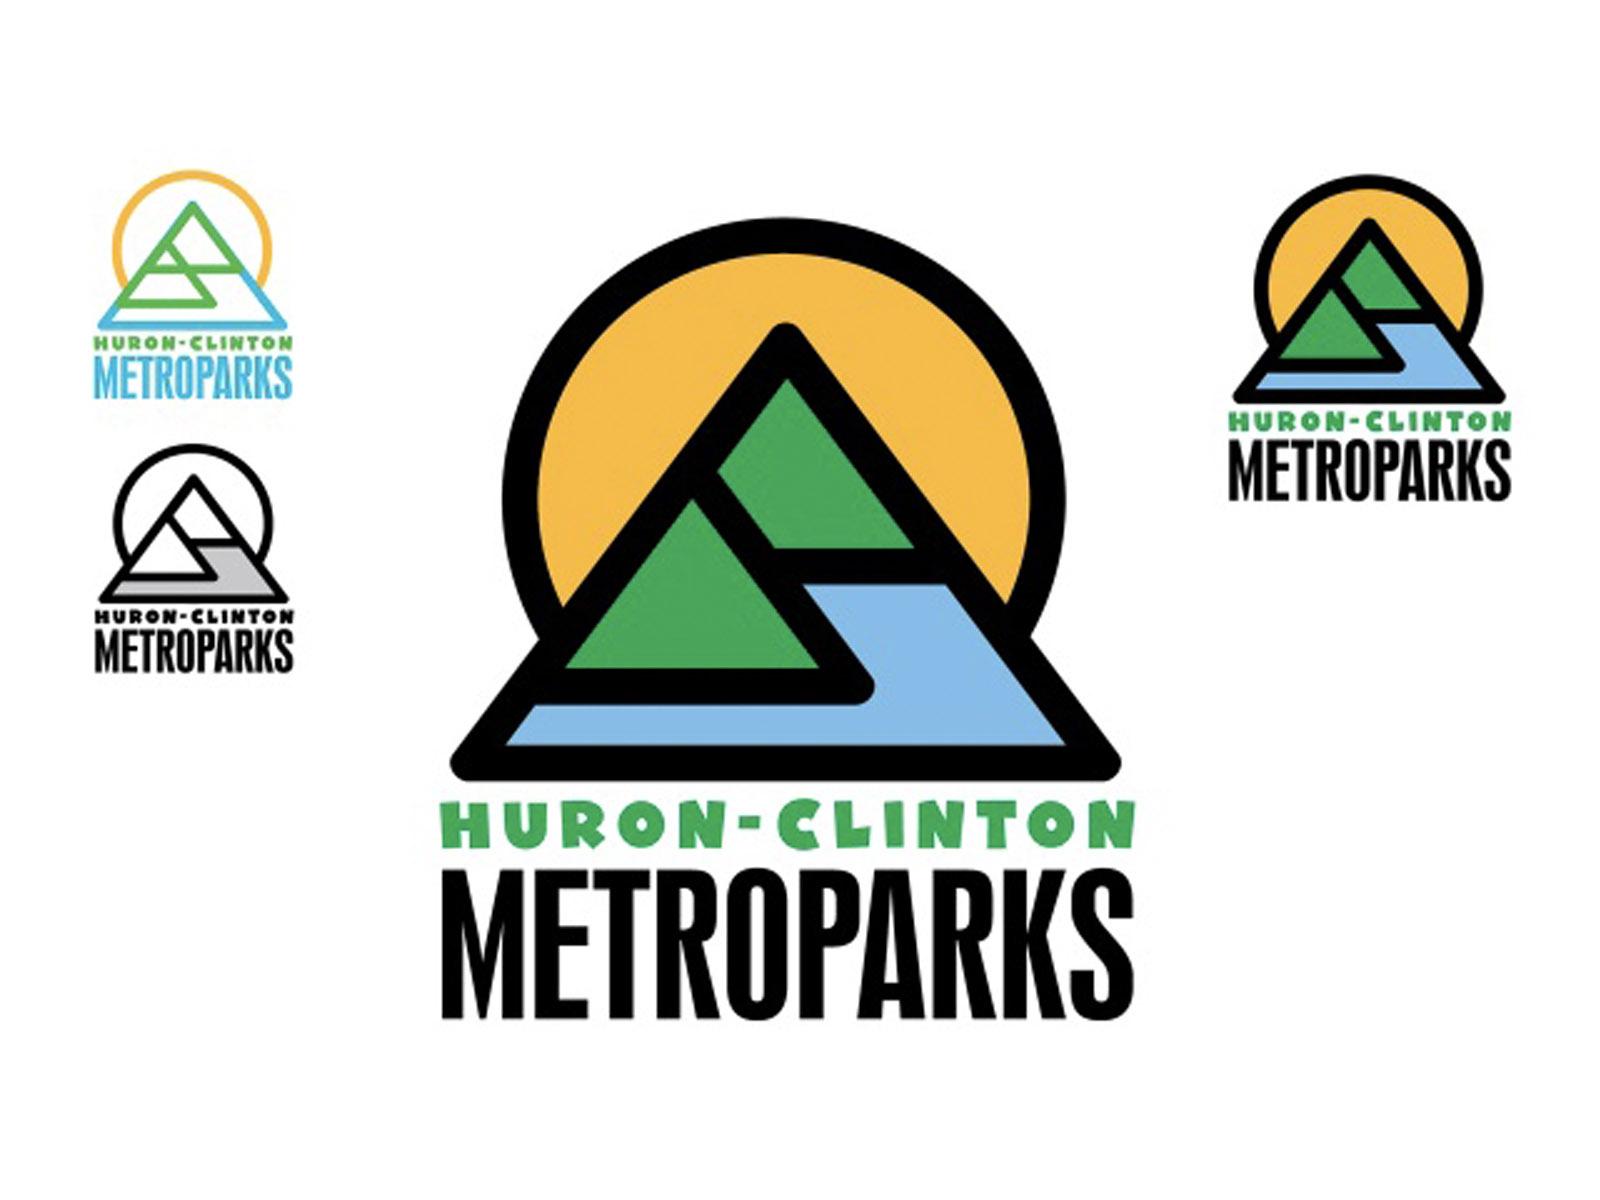 Huron-Clinton Metroparks Logo Designs